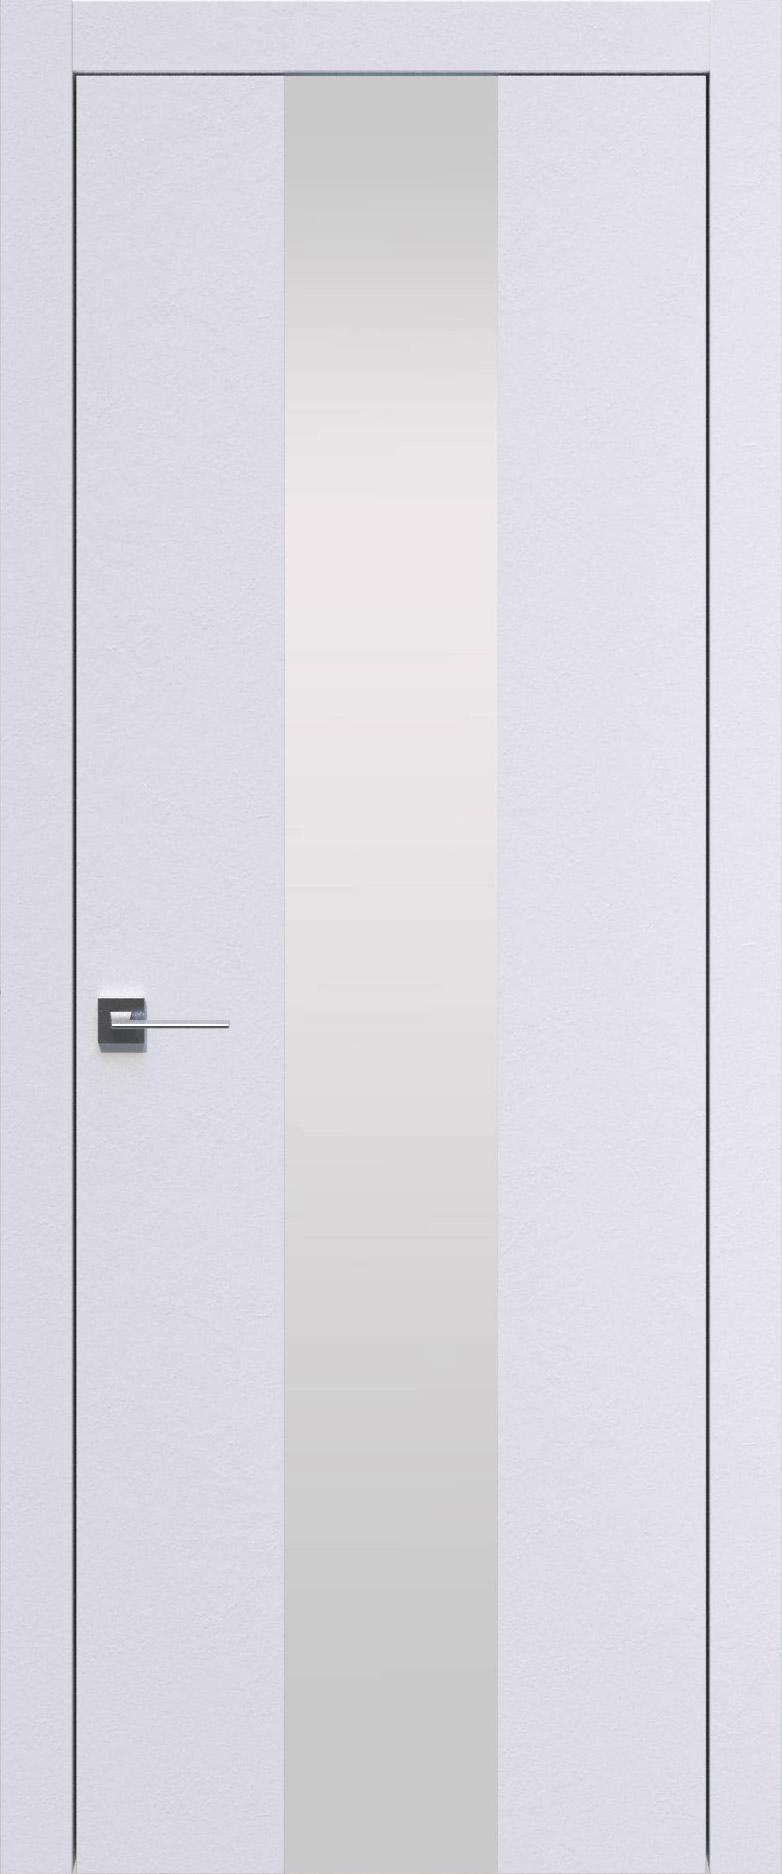 Tivoli Ж-1 цвет - Арктик белый Со стеклом (ДО)